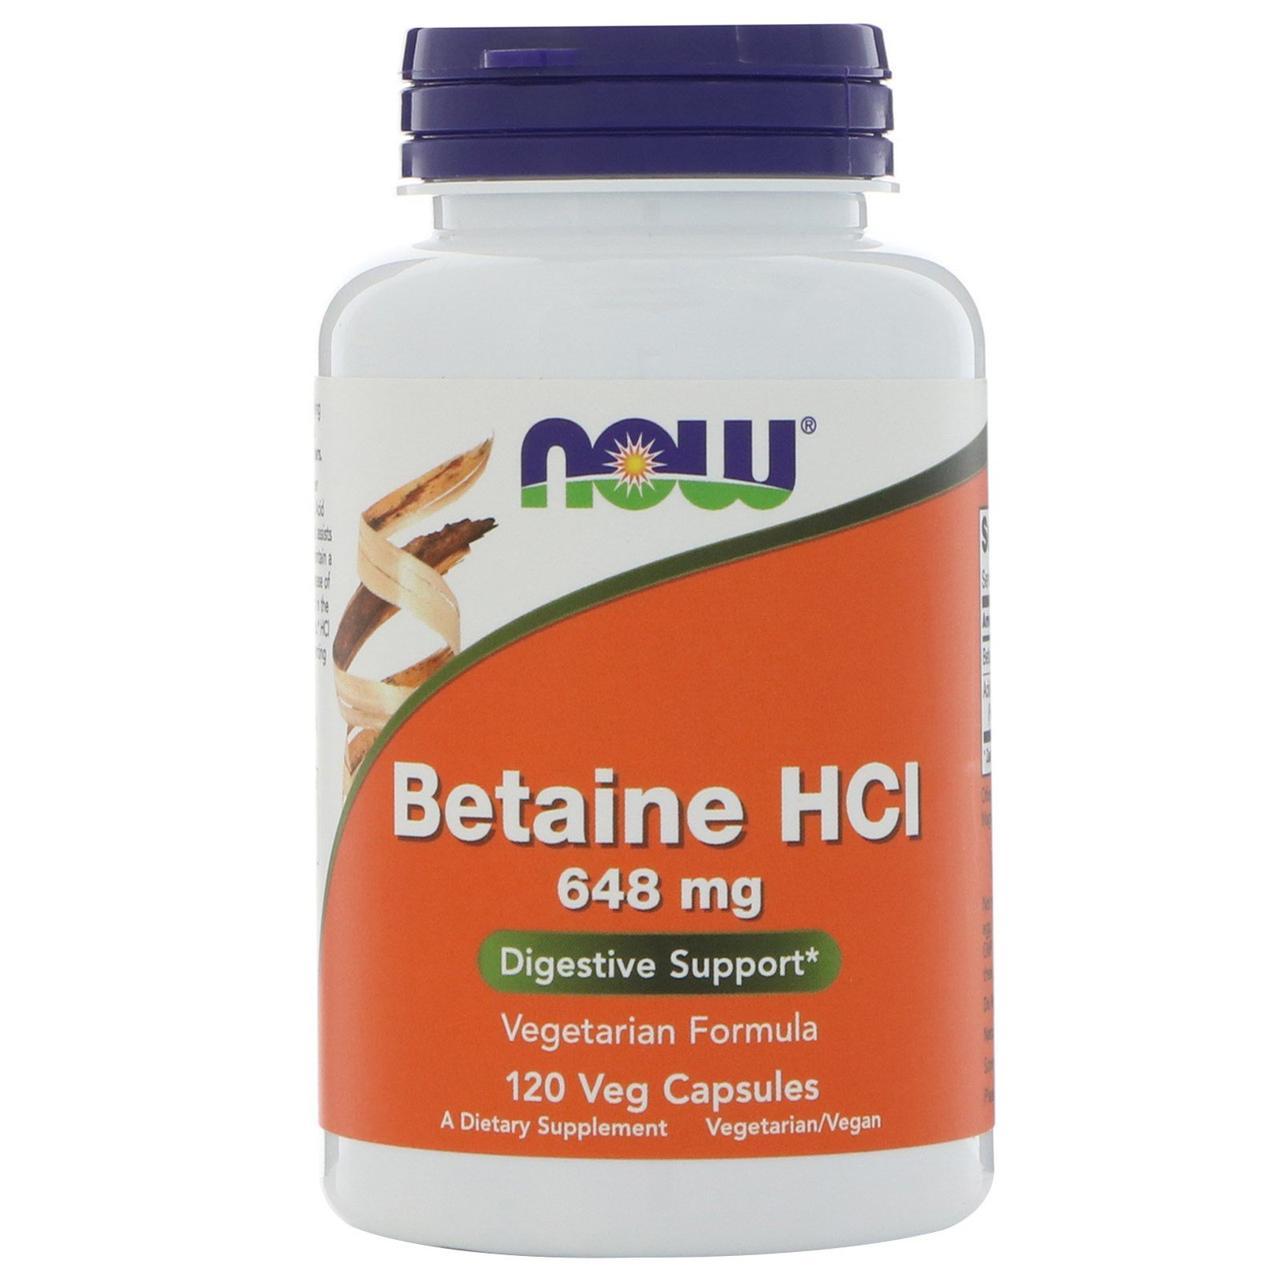 Бетаин гидрохлорид: значение бетаина для организма, фармакологические свойства, показания к применению, инструкция по приему и отзывы